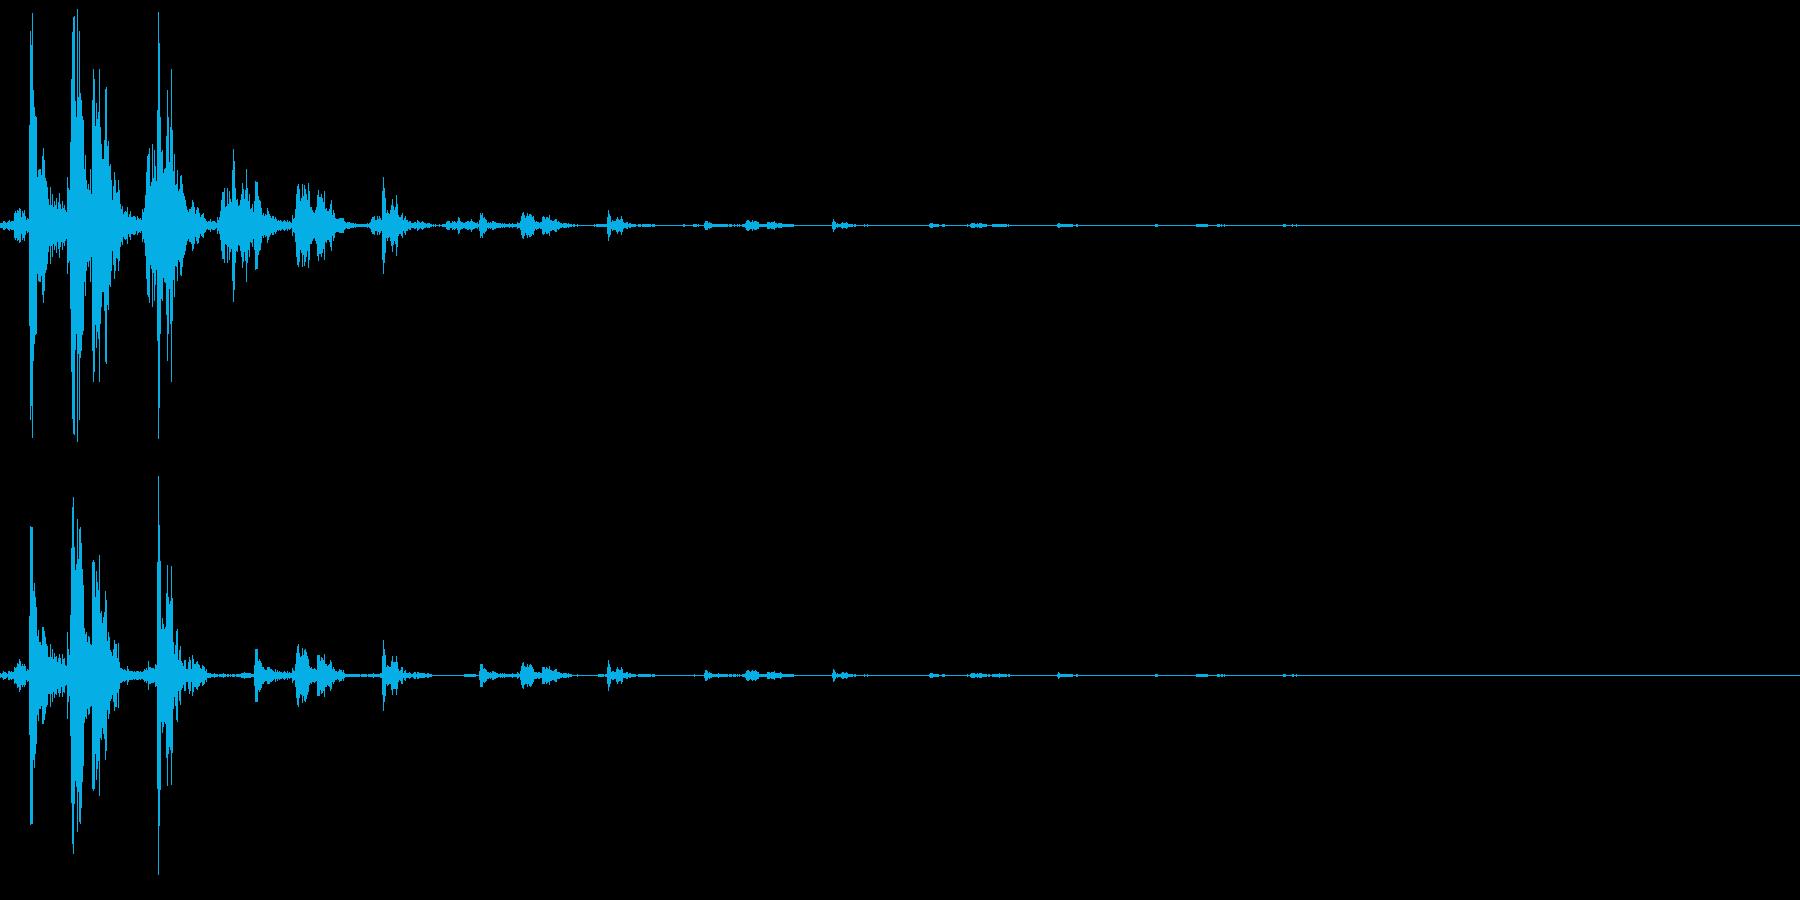 【機械/ロボット系016】動作、装着等の再生済みの波形